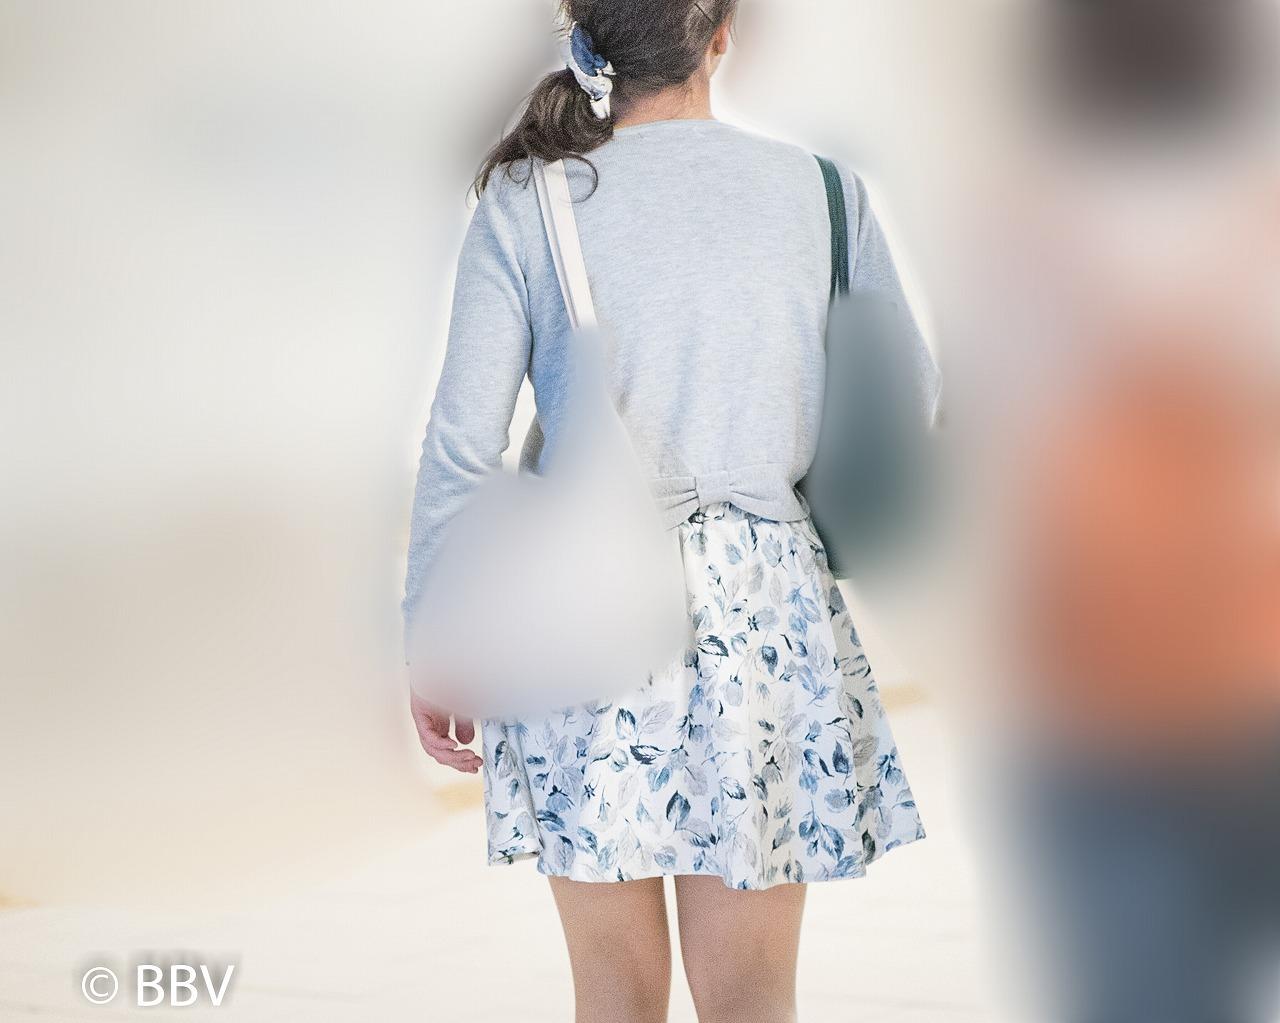 美脚が素敵!短めミニのフレアスカートがエロいお嬢さん!